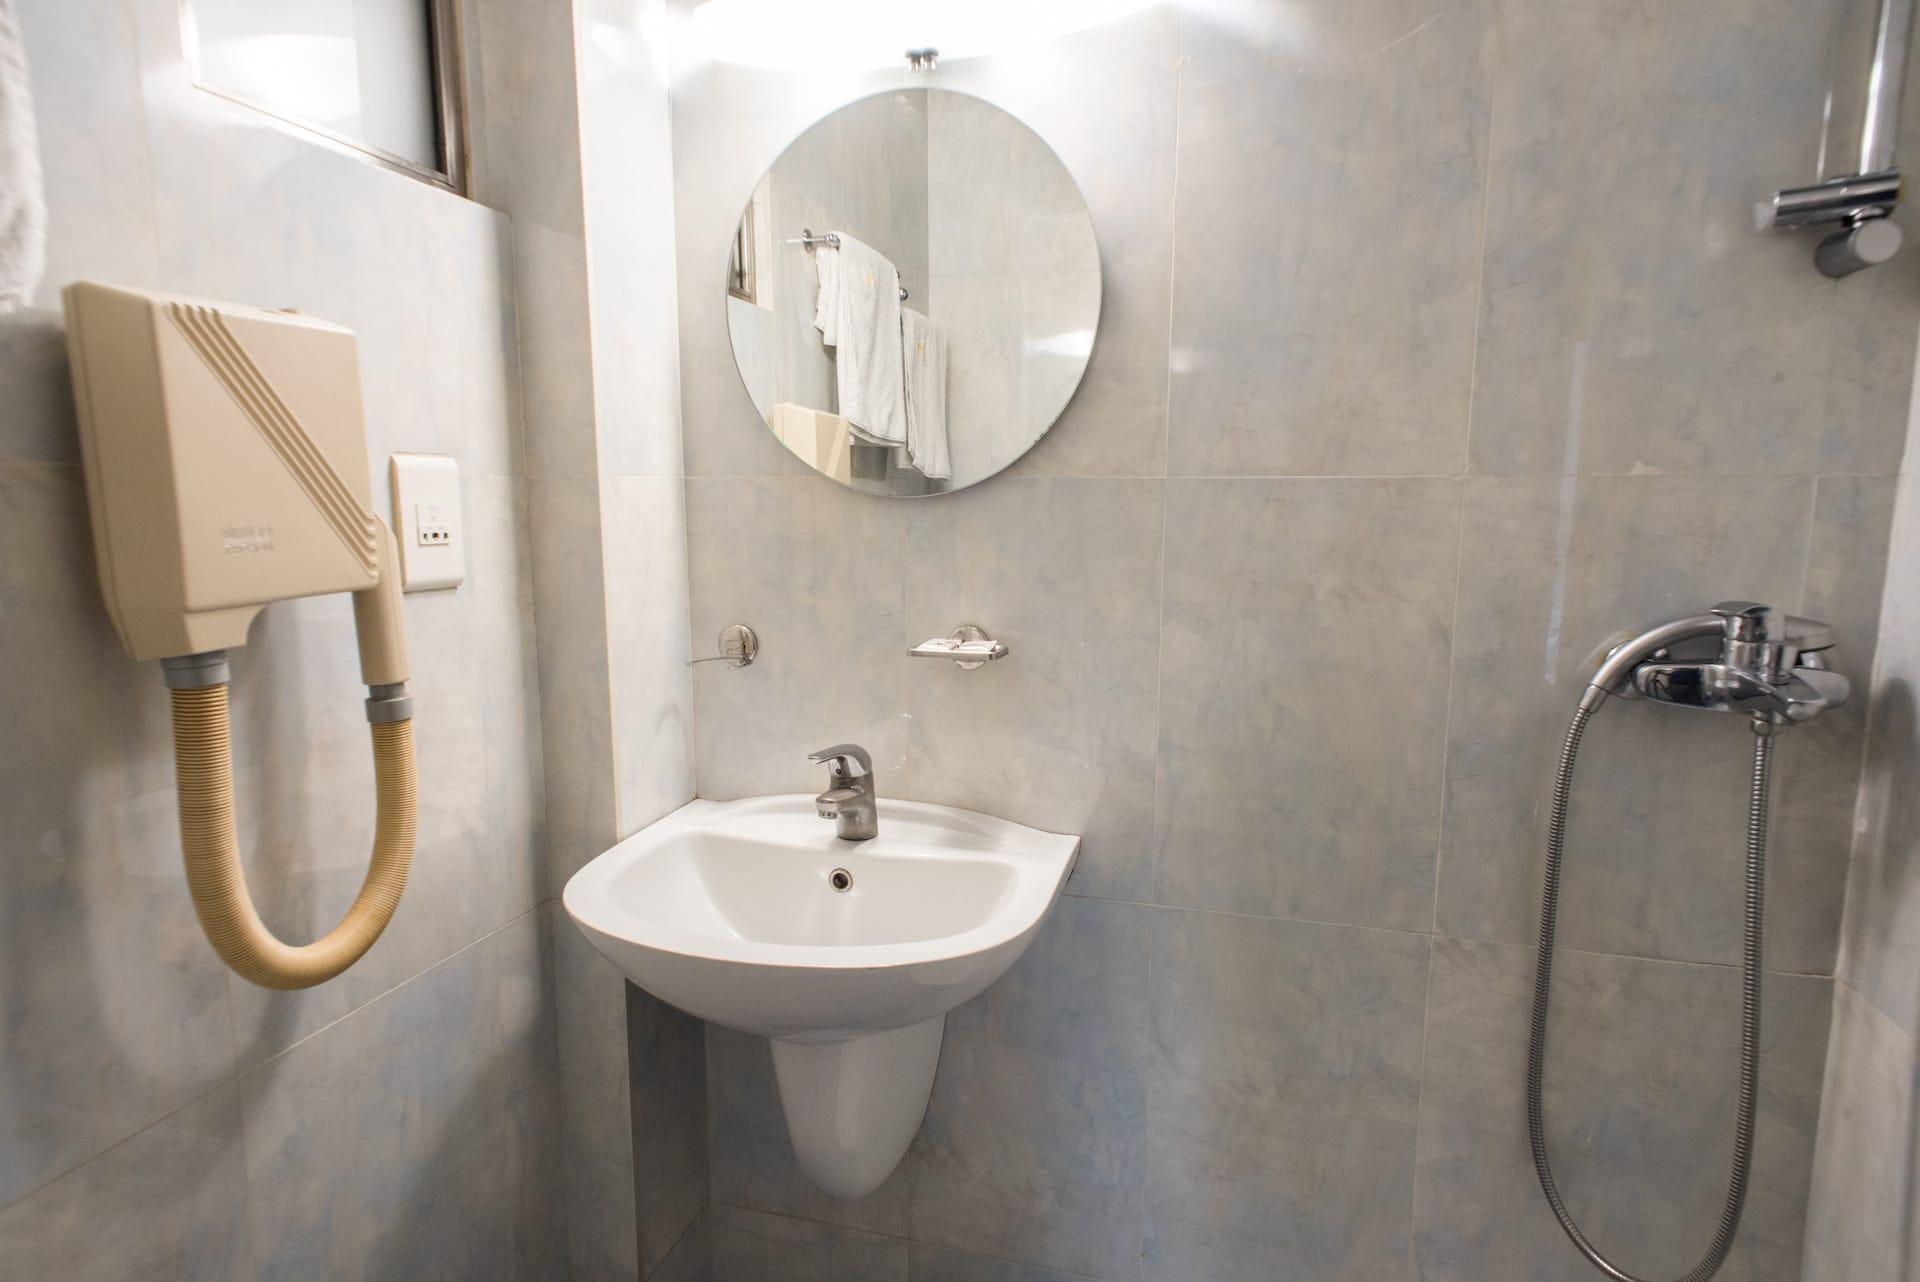 Μπάνιο του Superior room στο Pines Hotel ξενοδοχείο στα Βόρεια Προάστια.